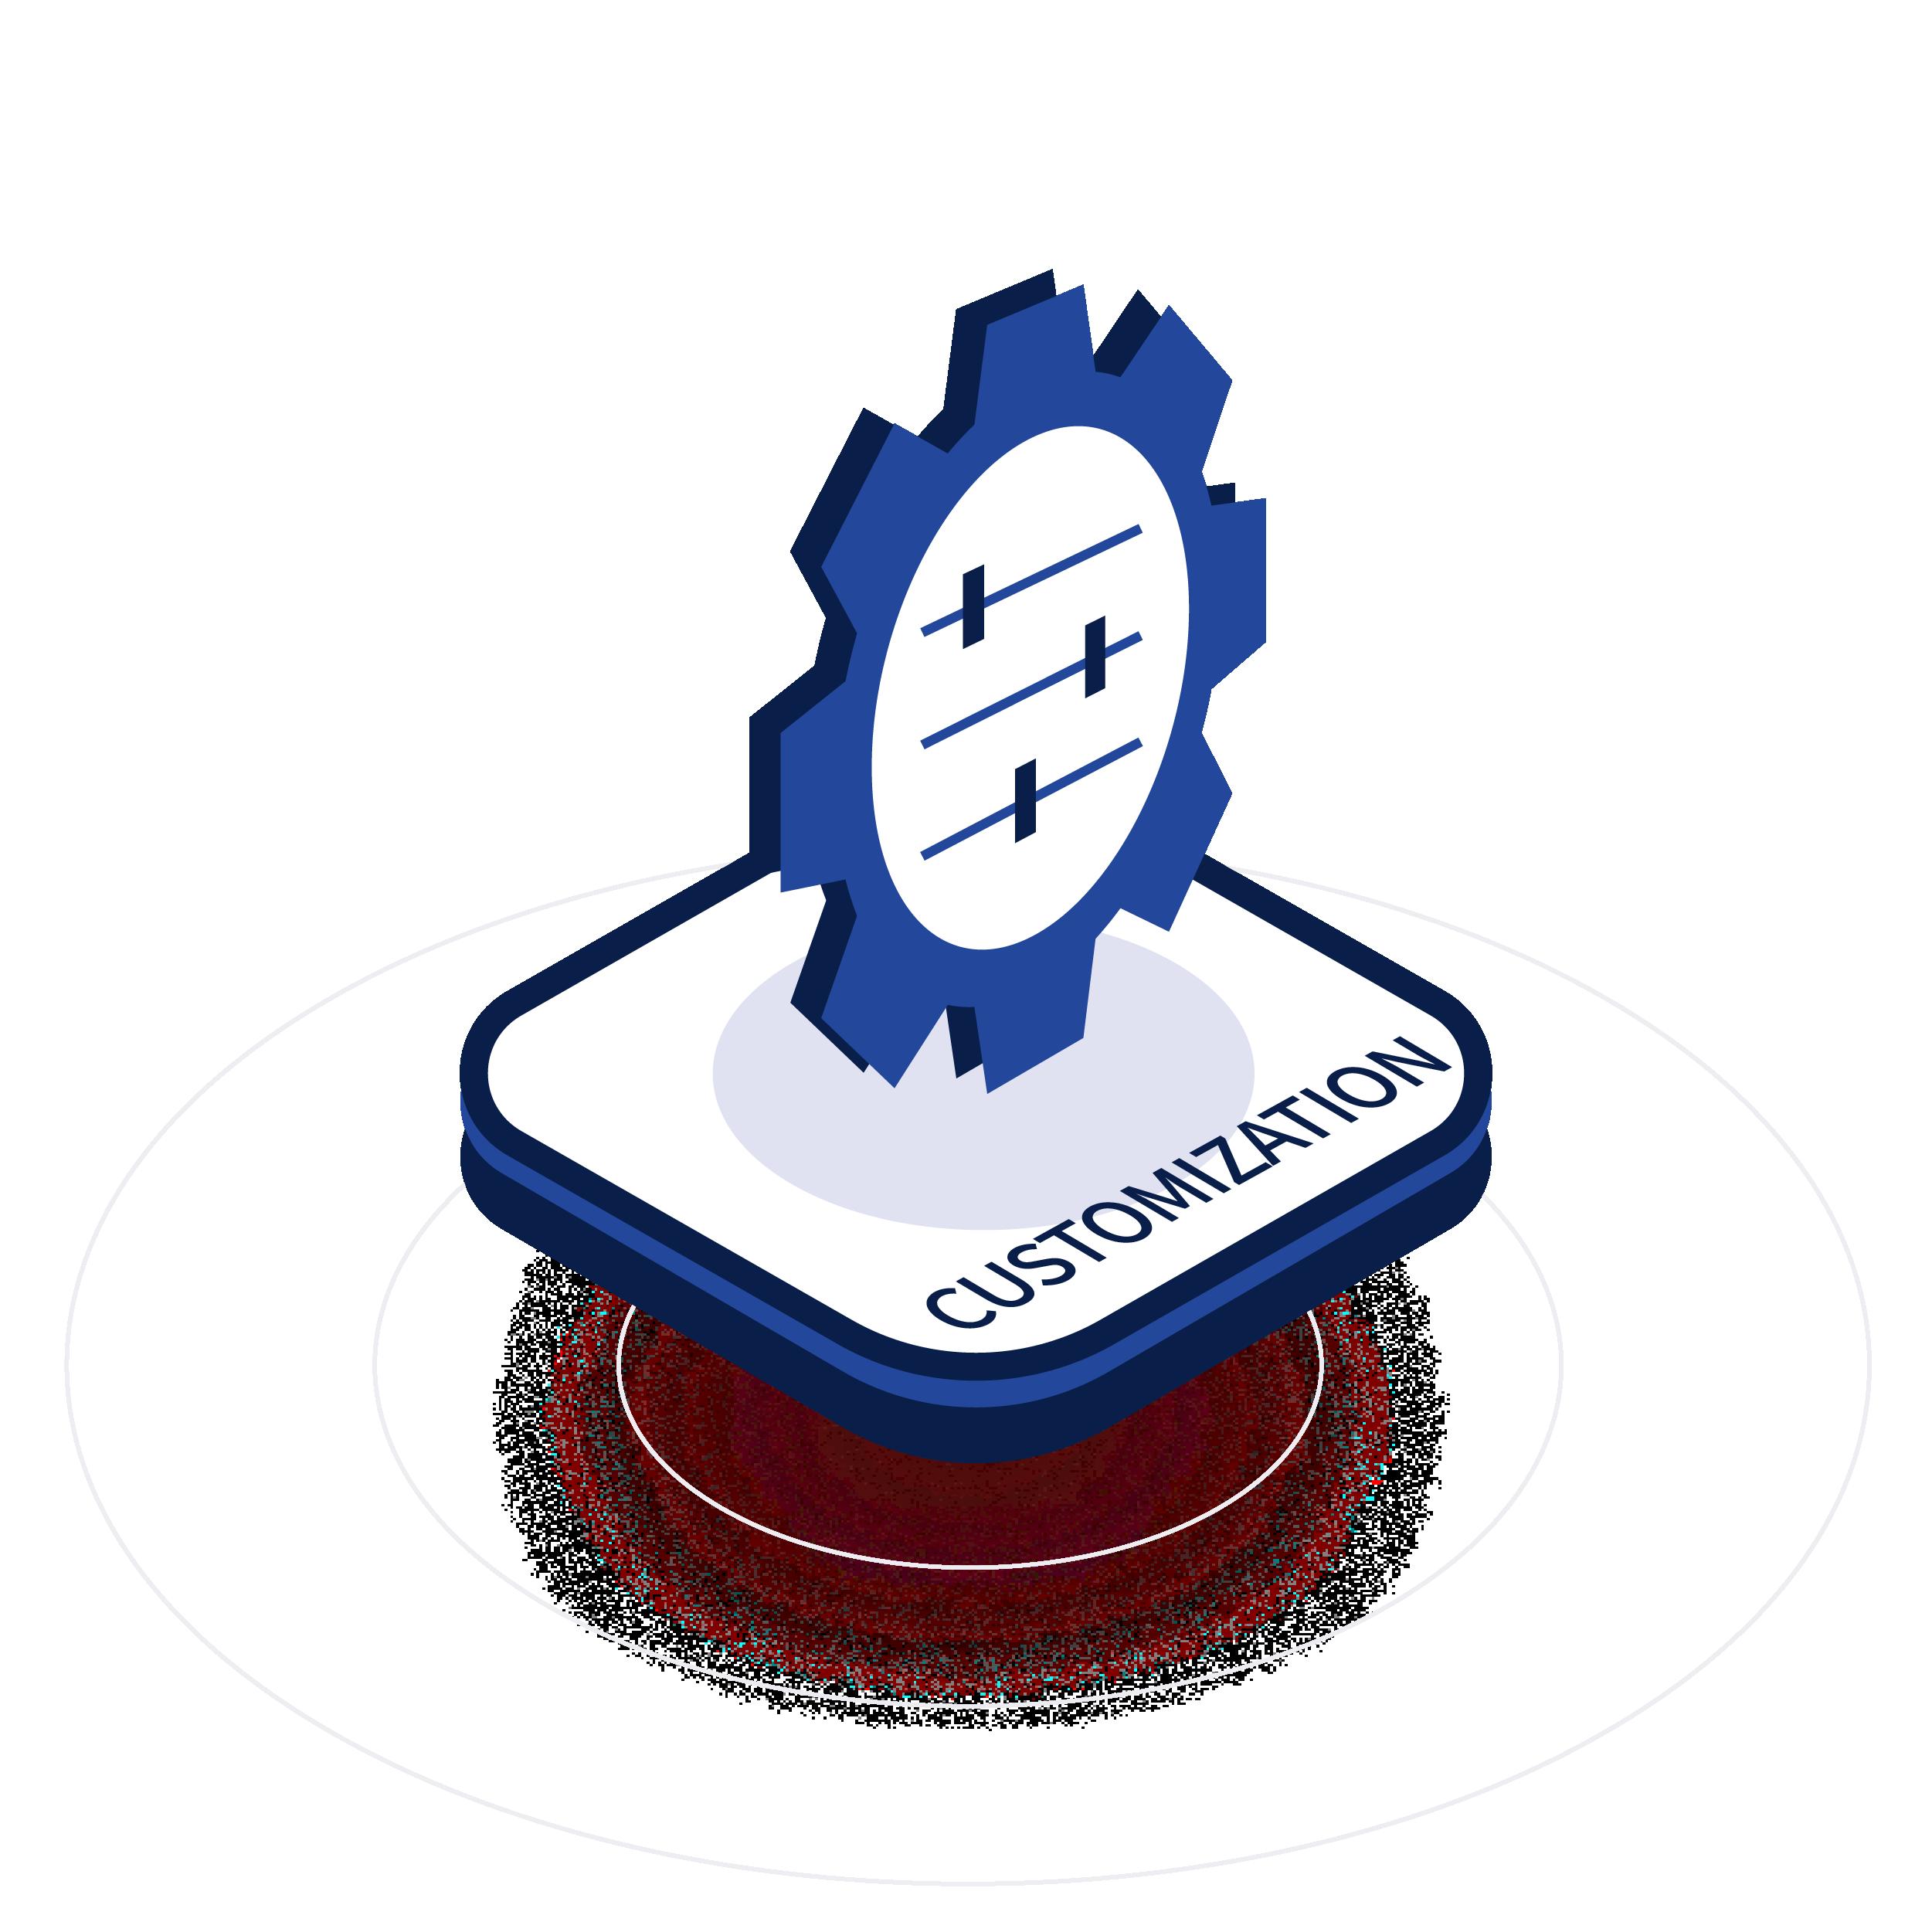 Konverse customization